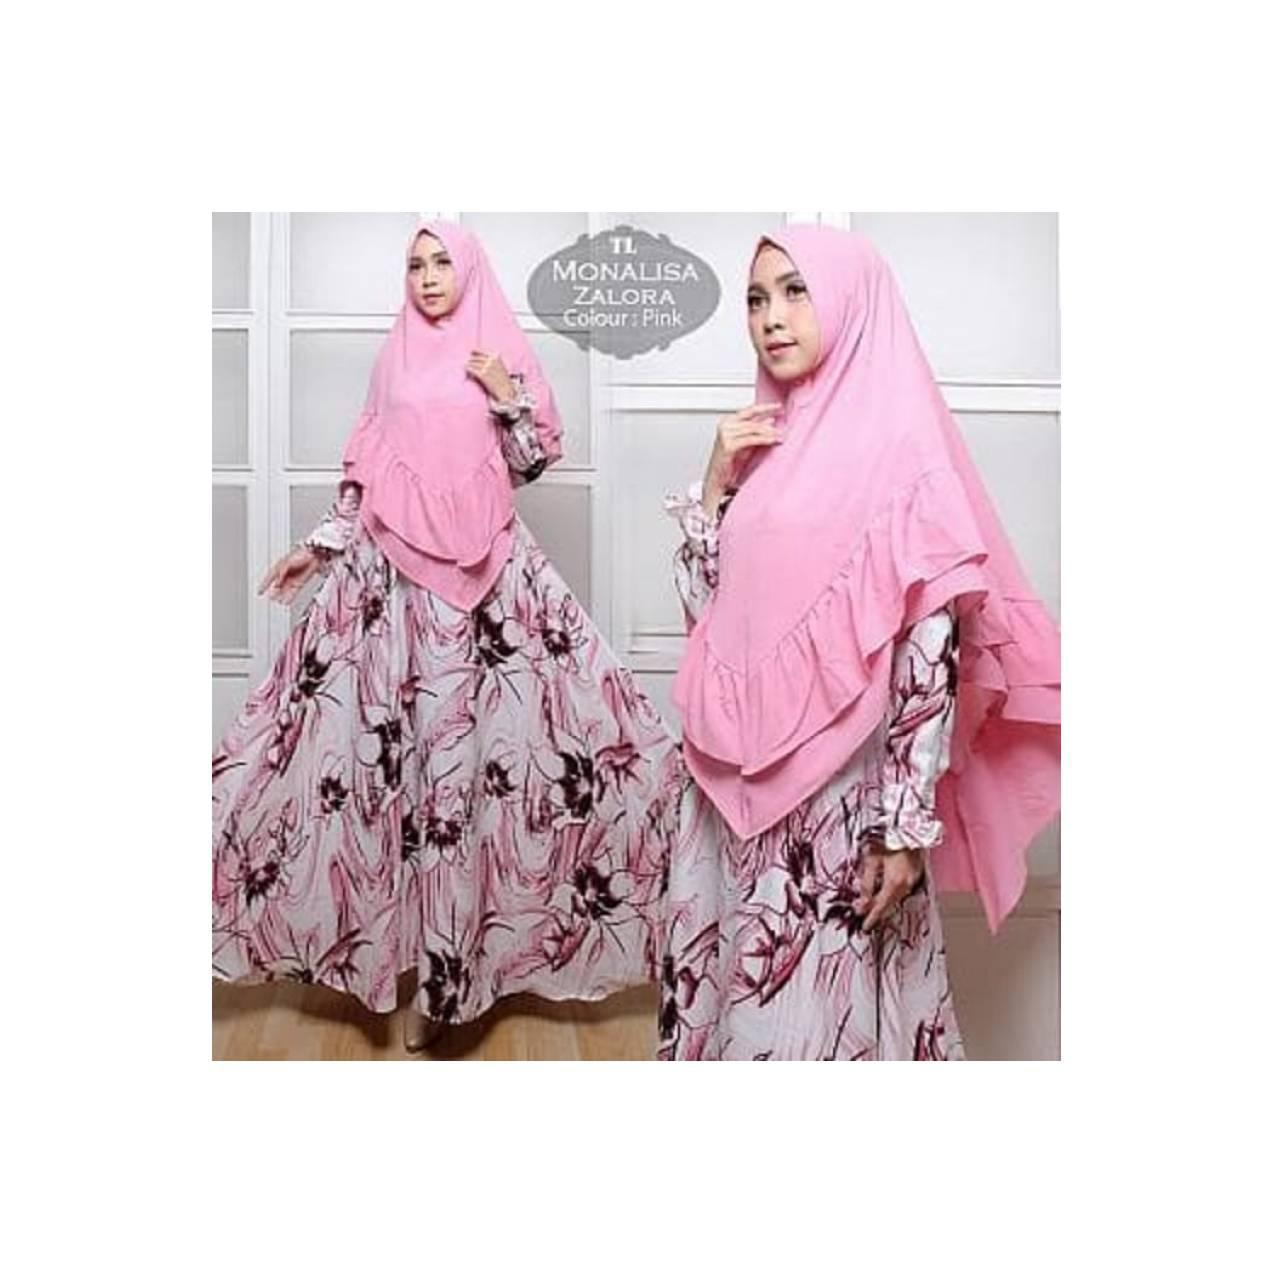 Baju Wanita Muslim Murah [Syari monalisa Zalora Pink TL] gamis wanita